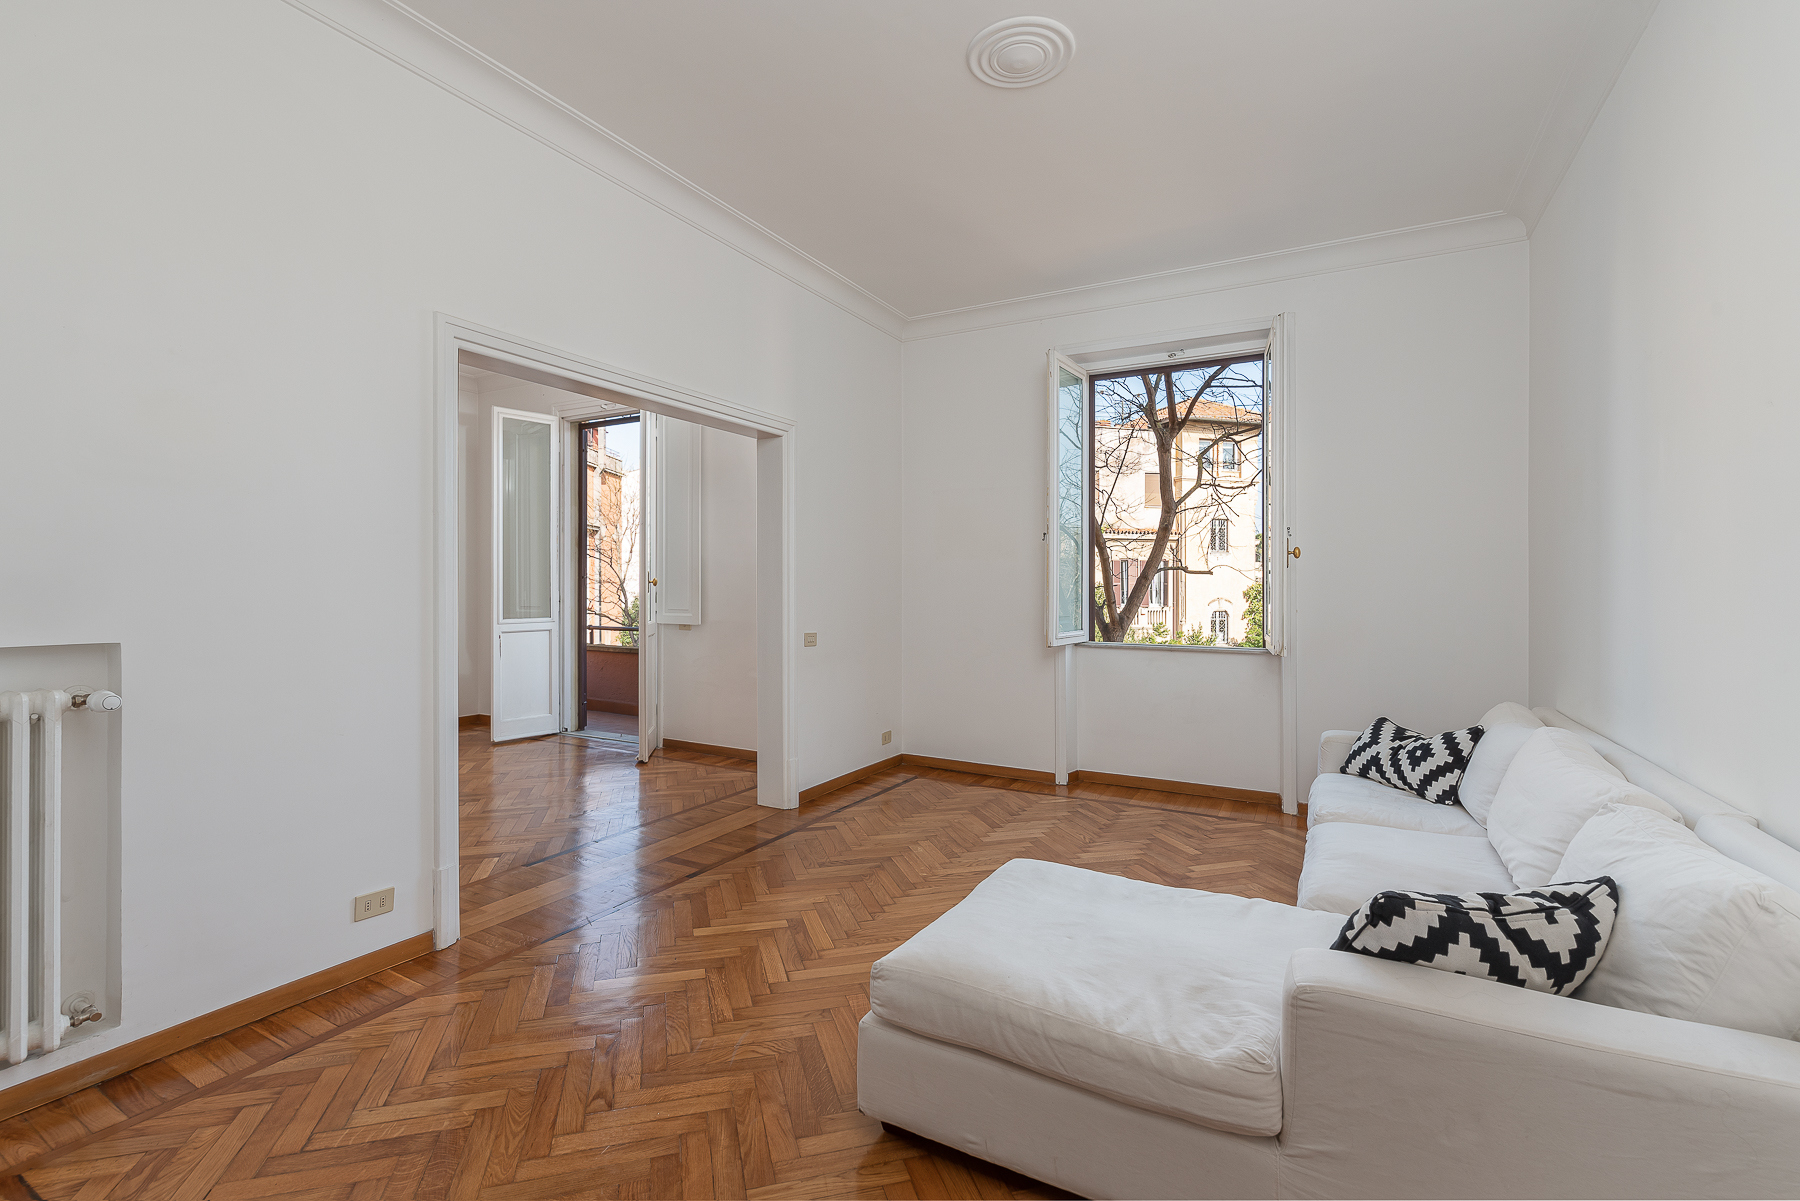 Appartamento in Vendita a Roma via tommaso salvini